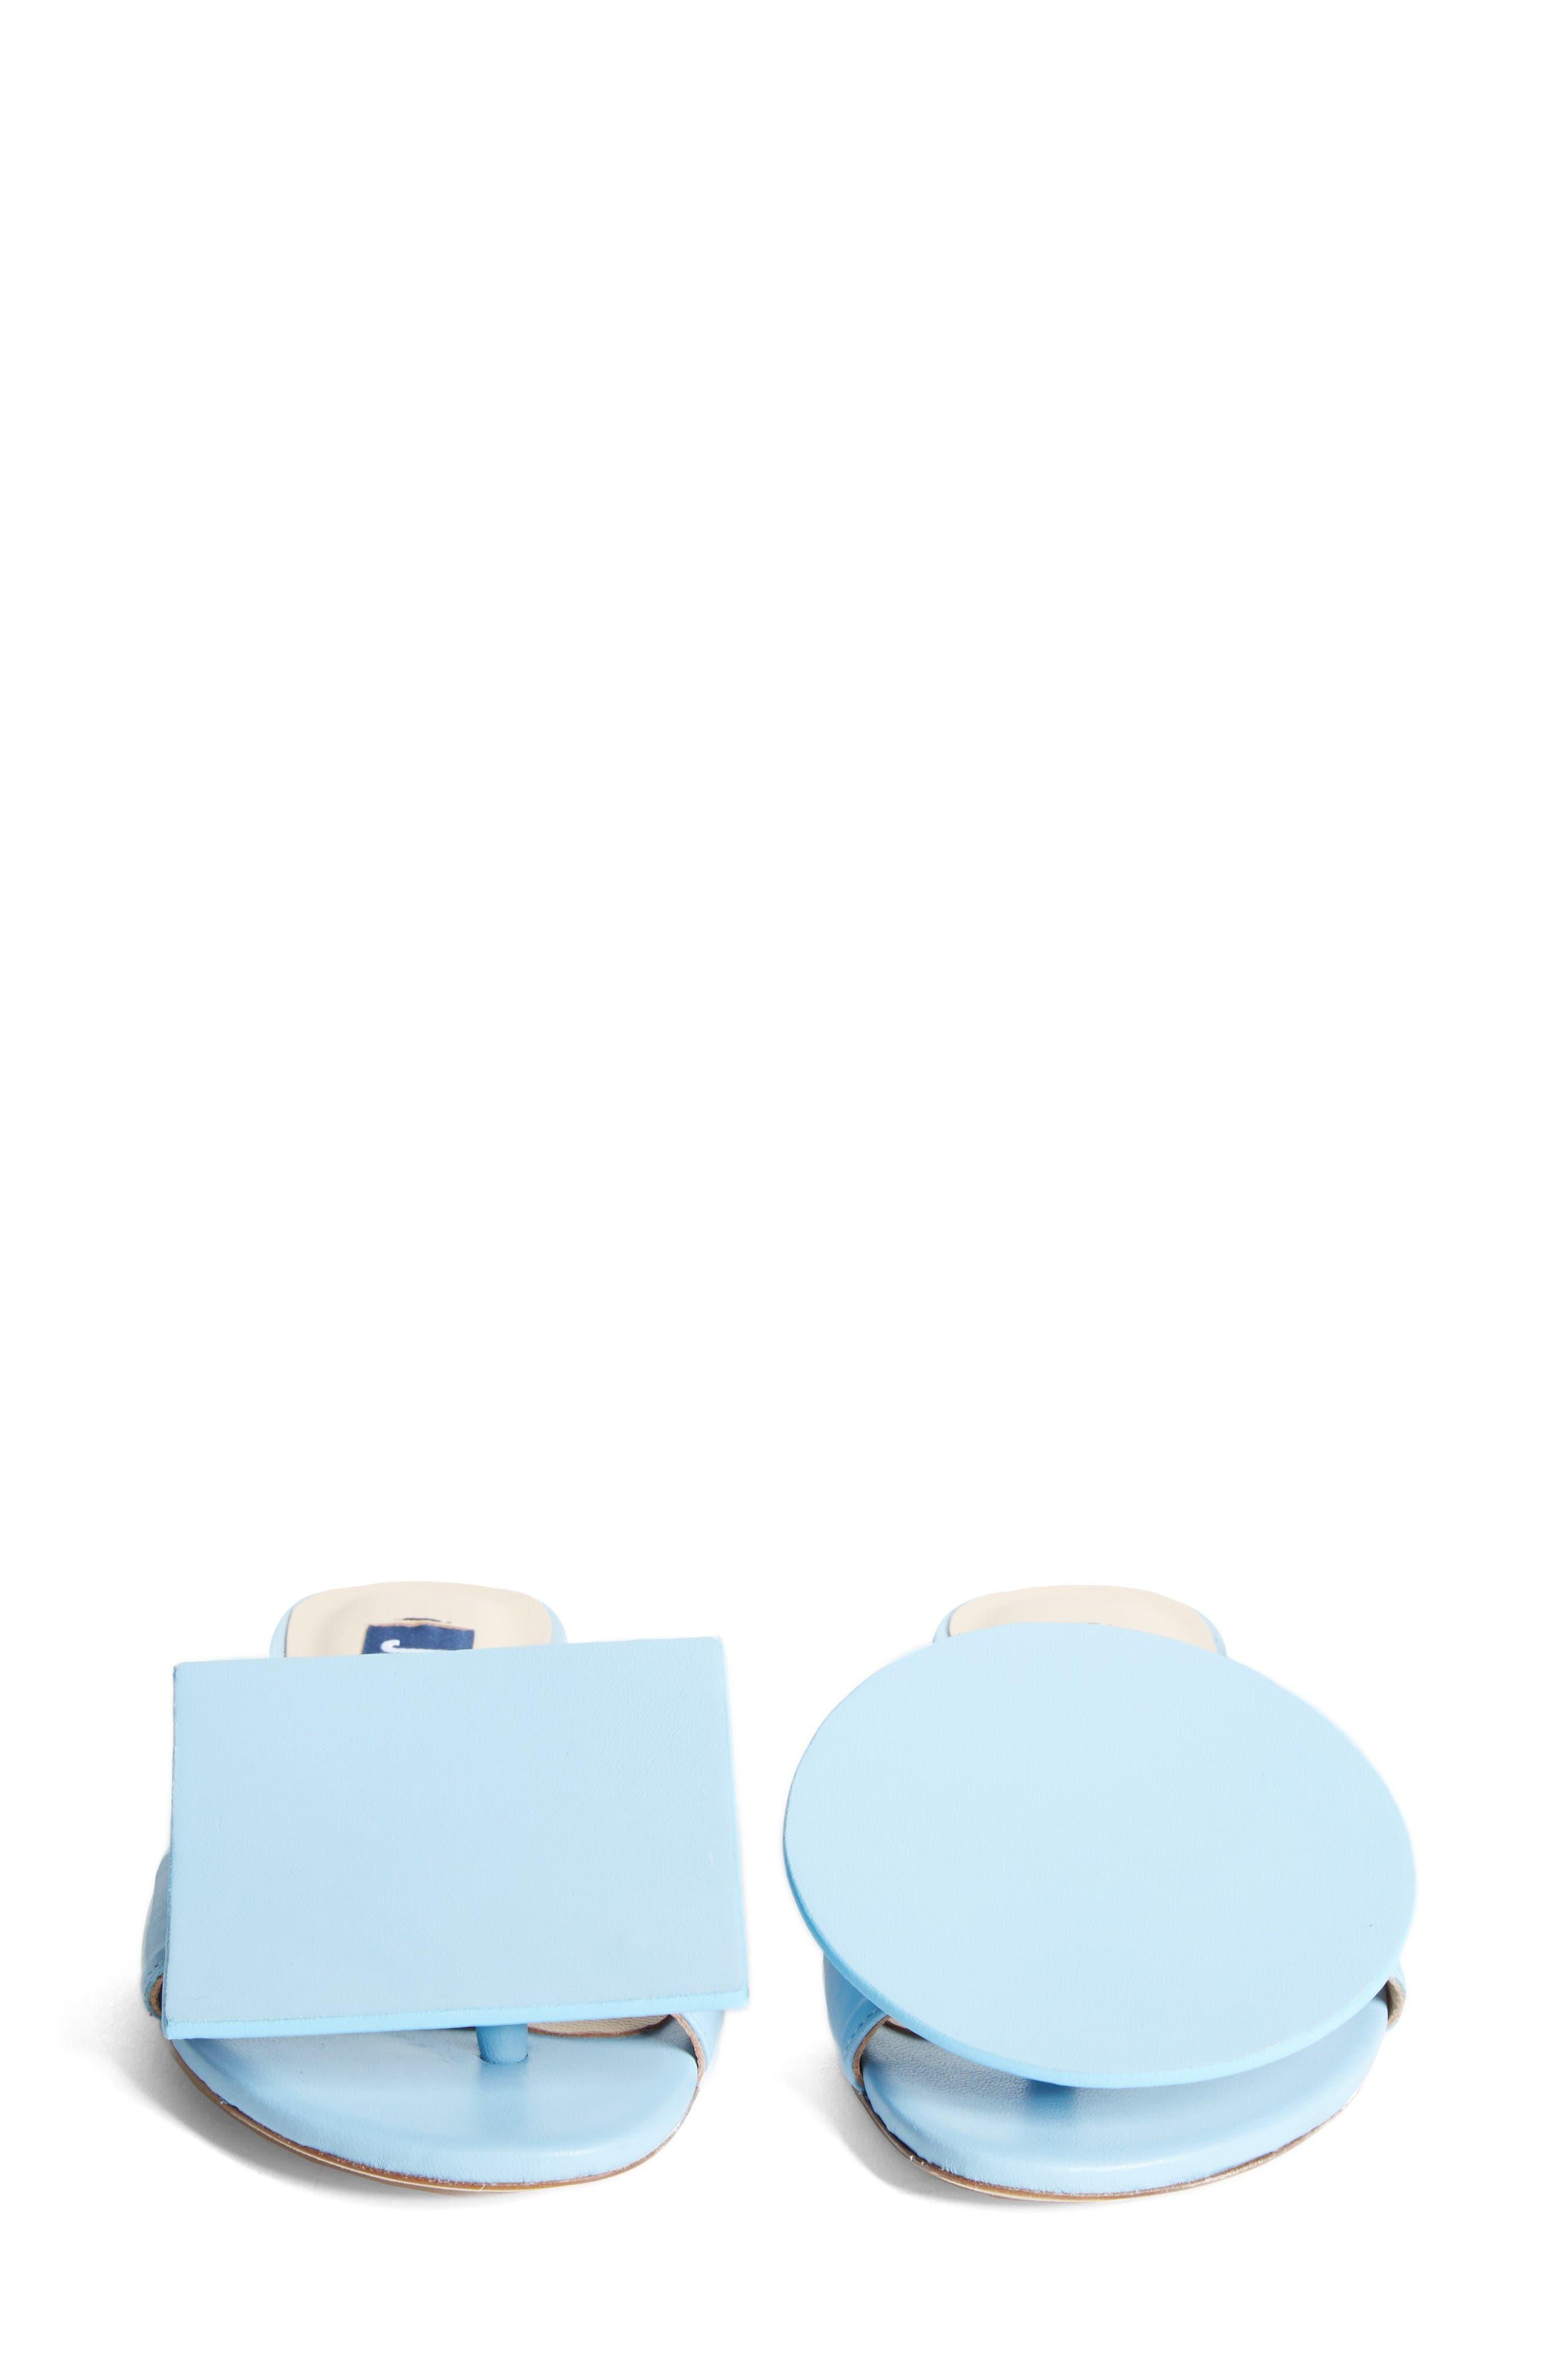 Les Sandales Rond Carré Sandal,                             Alternate thumbnail 5, color,                             Light Blue